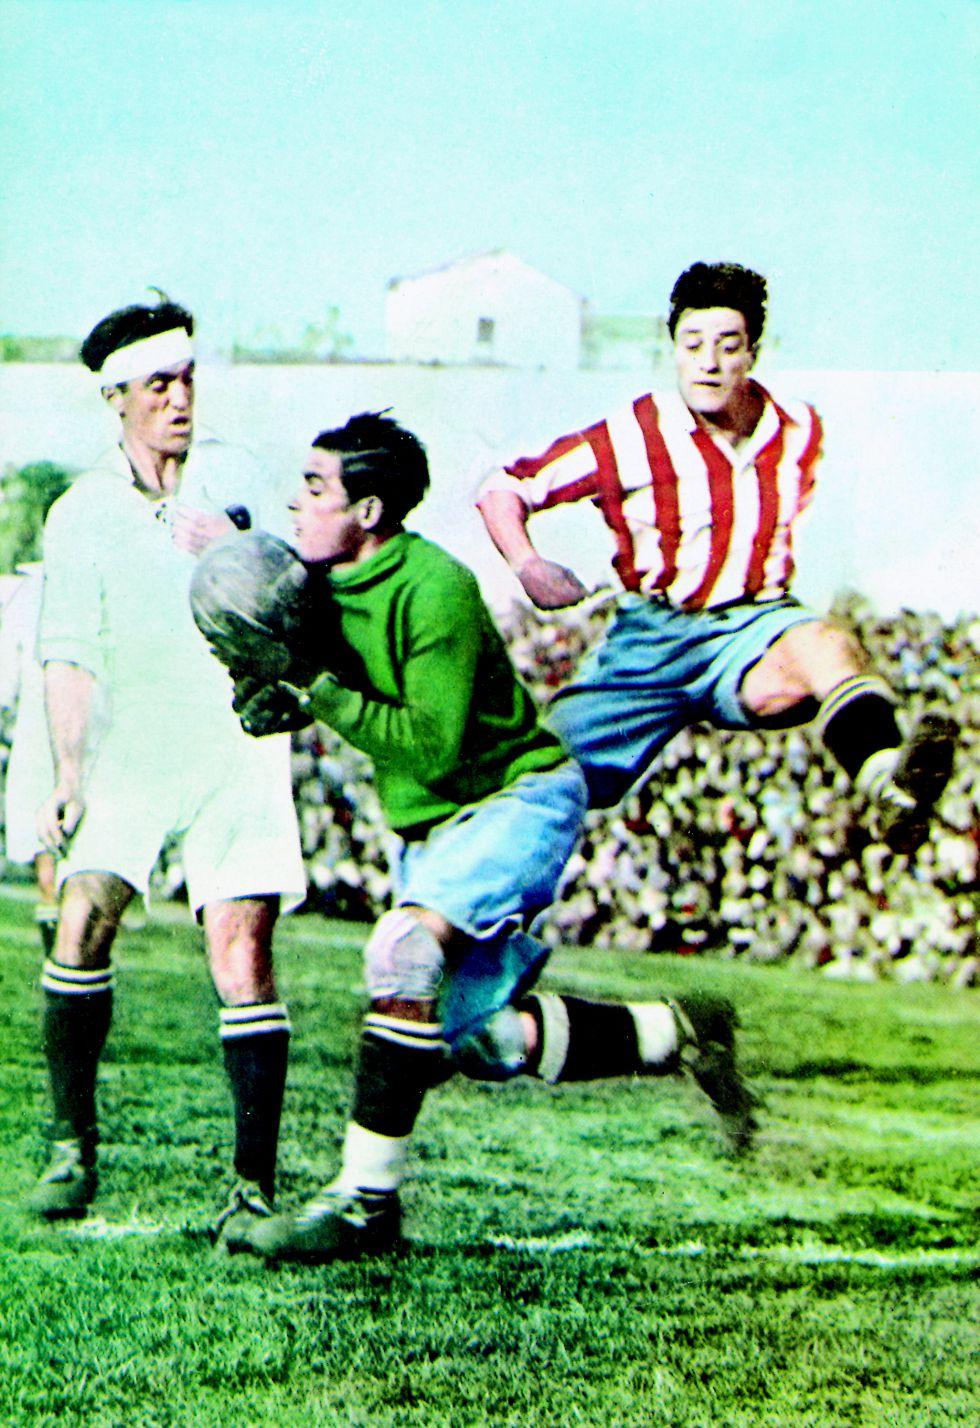 El derbi madrileño es el partido más veces jugado en España